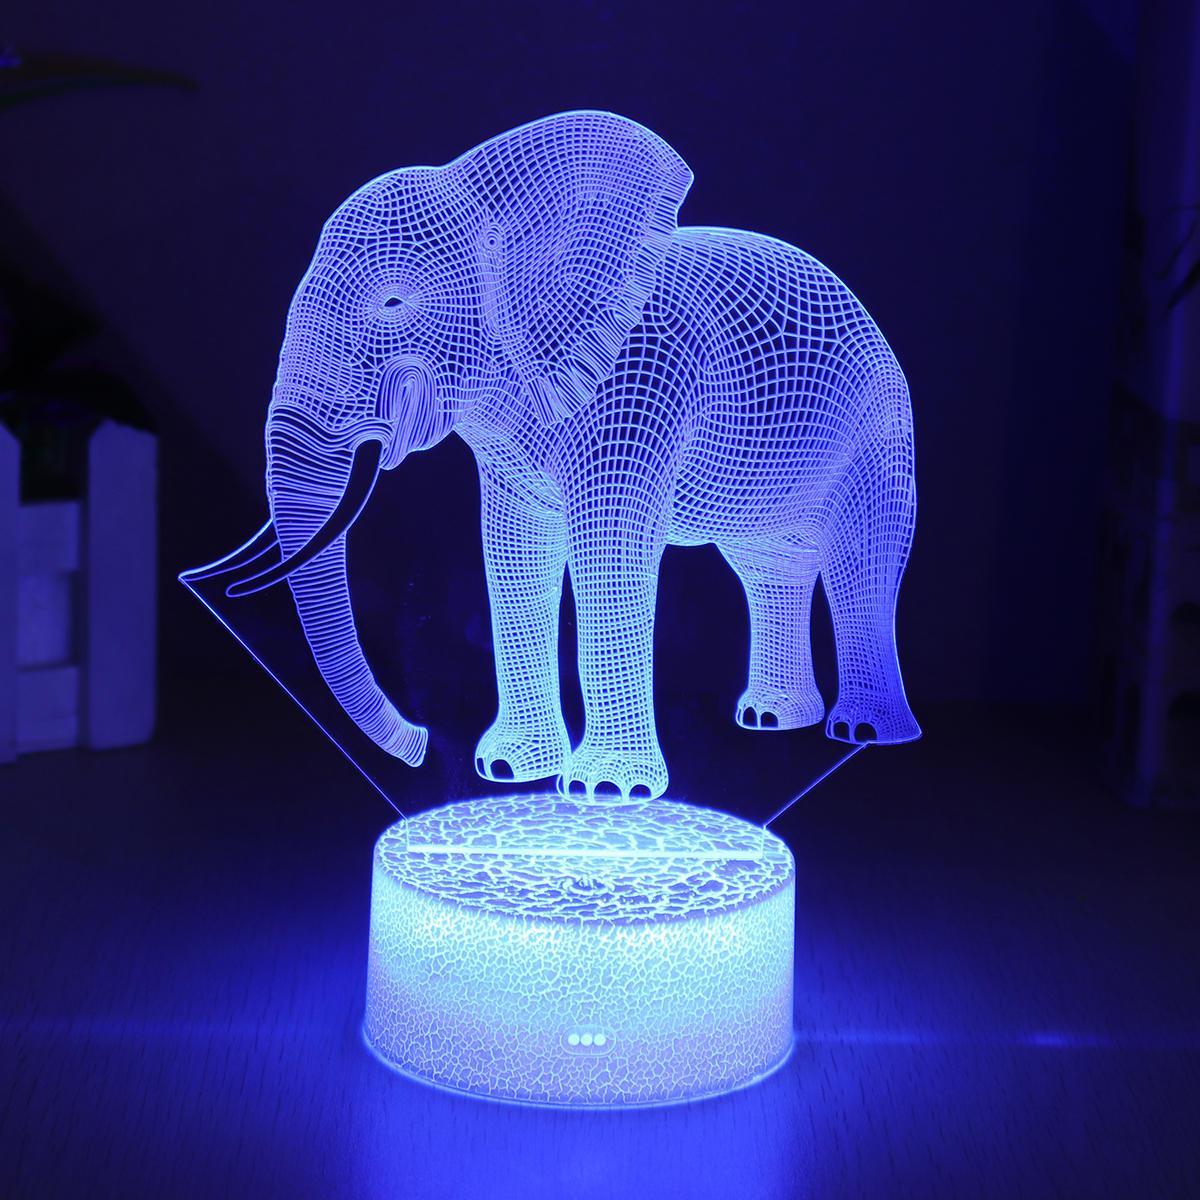 Elefante Modelo Control remoto Interruptor táctil 3D Acrílico LED 7/16 Colores Colorful Luz Decoraciones de regalo de Navidad